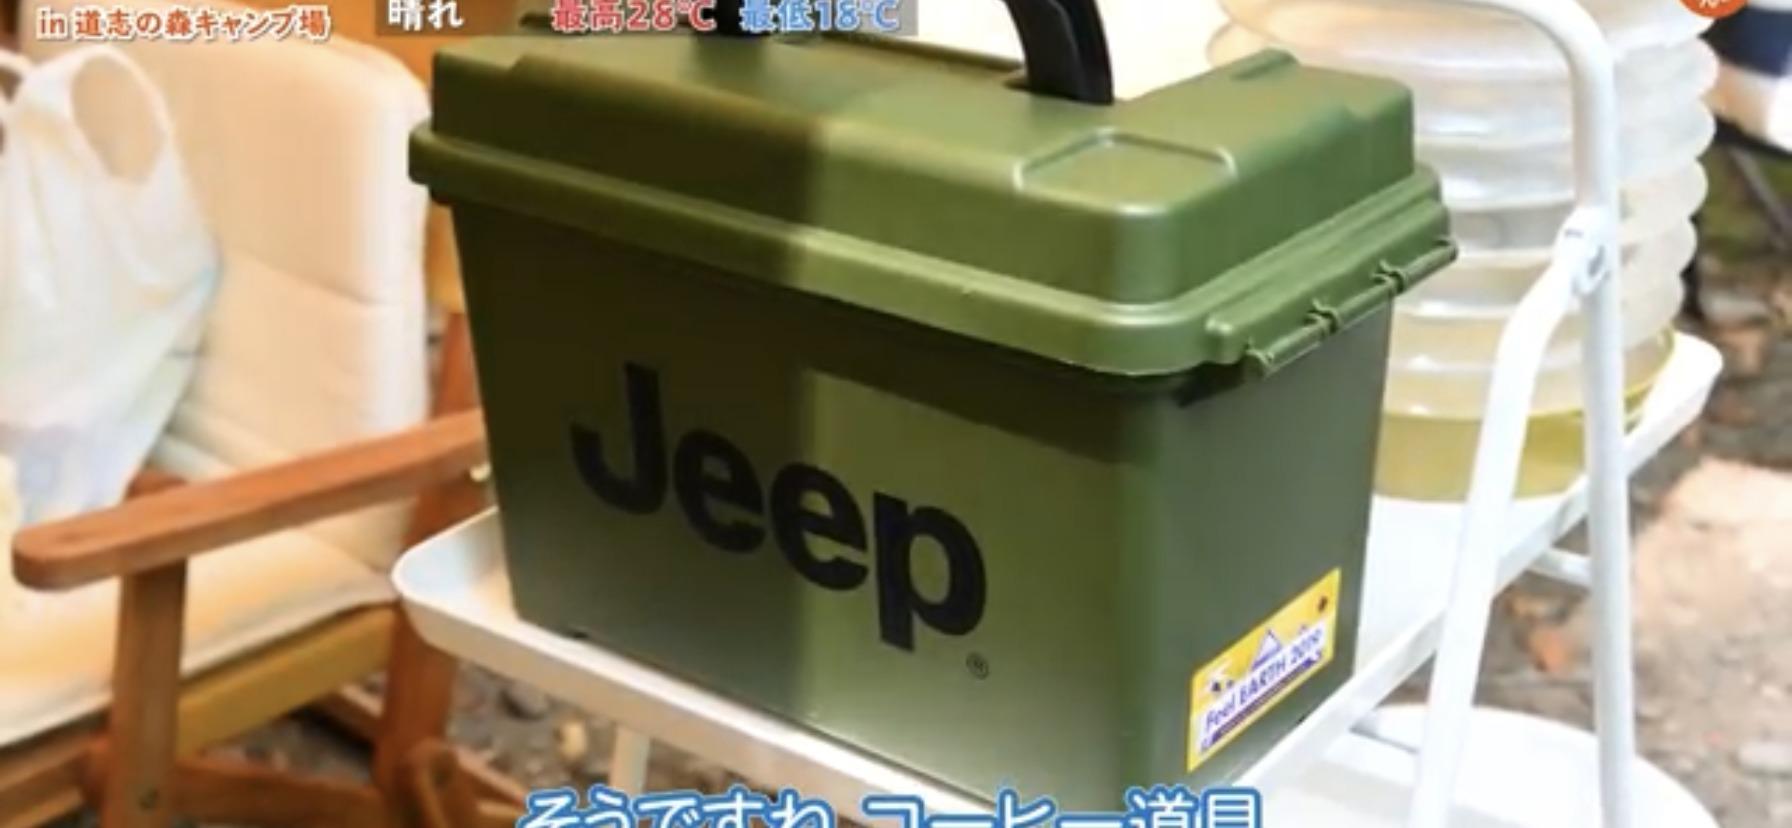 収納ボックス:【NATURE TONES (ネイチャートーンズ) 】サイドアップ・BOXテーブル